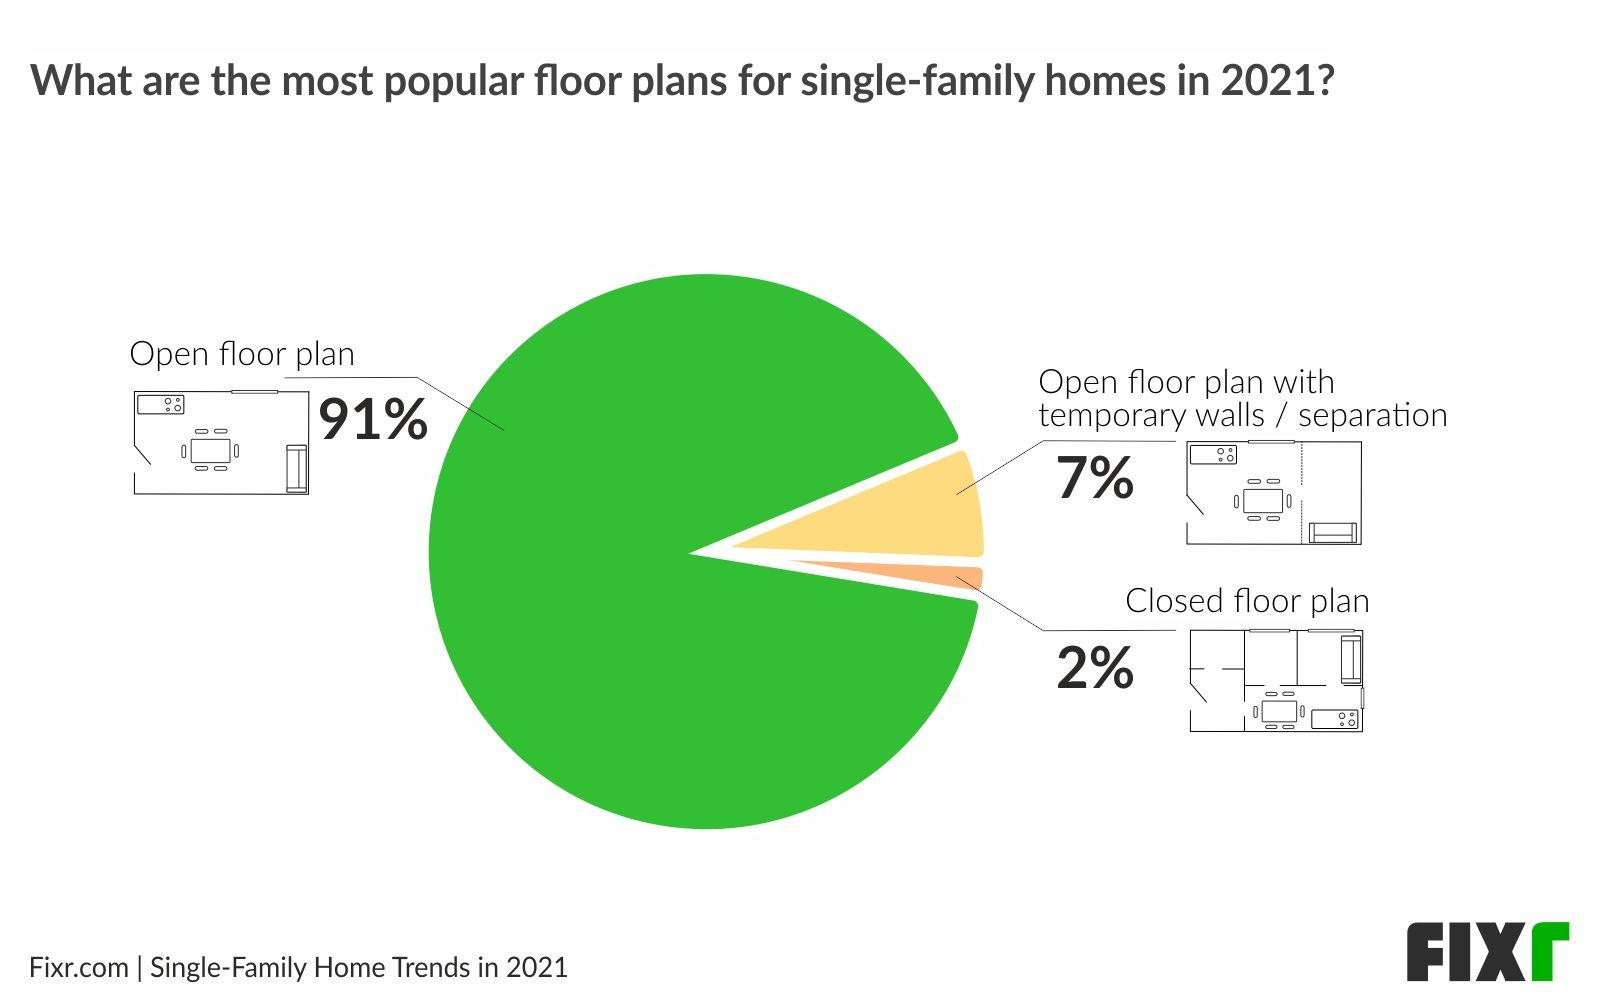 New home trends 2021 - Open floor plan